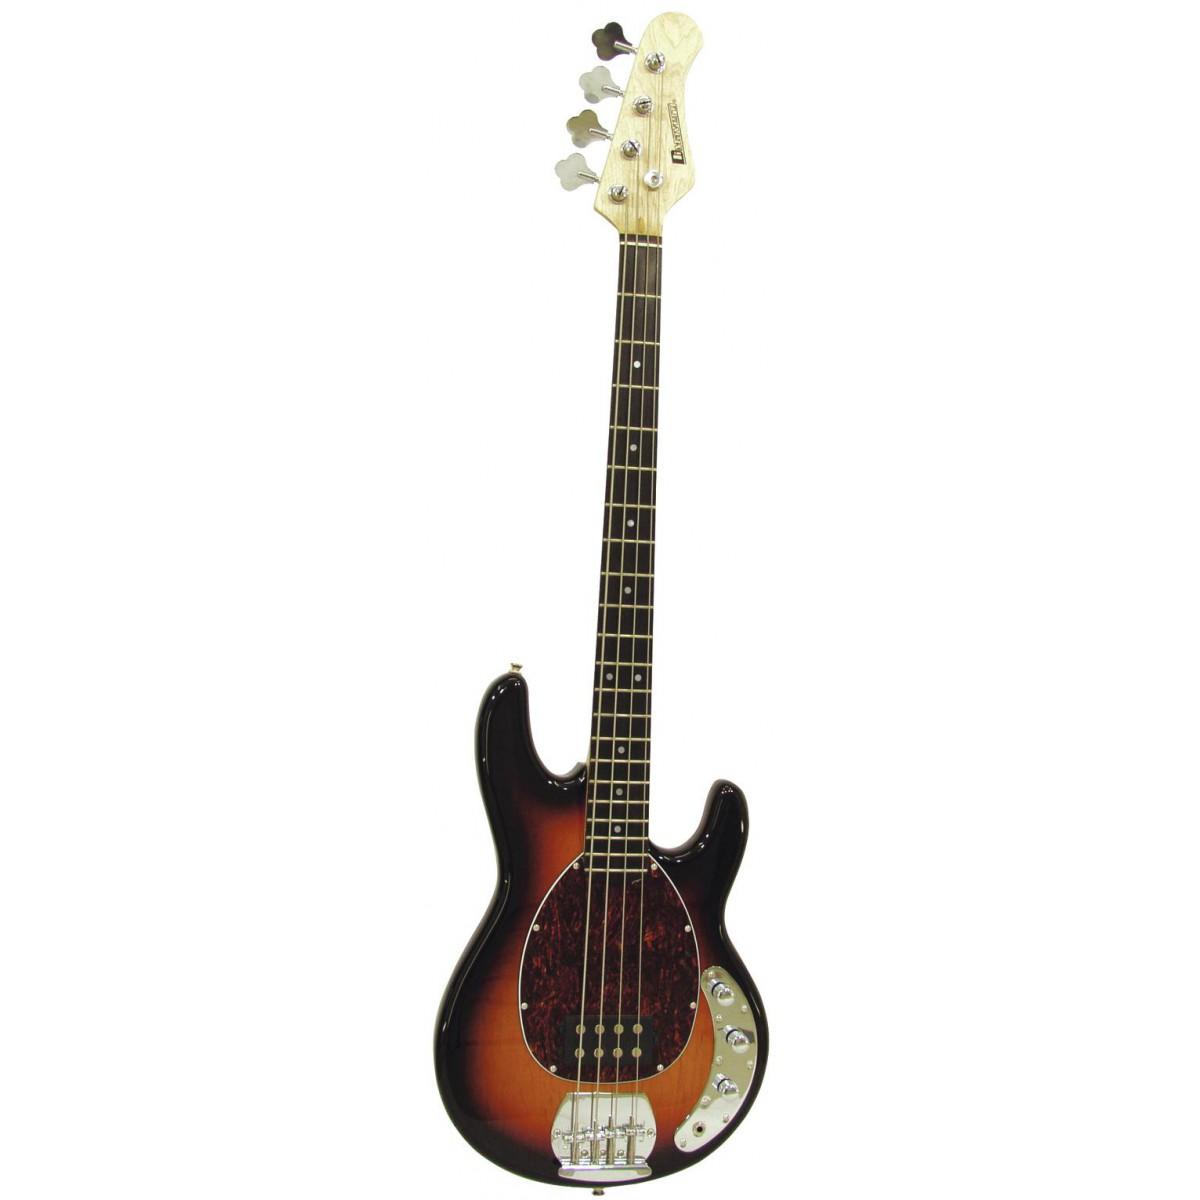 Dimavery MM-501, baskytara elektrická, stínovaná